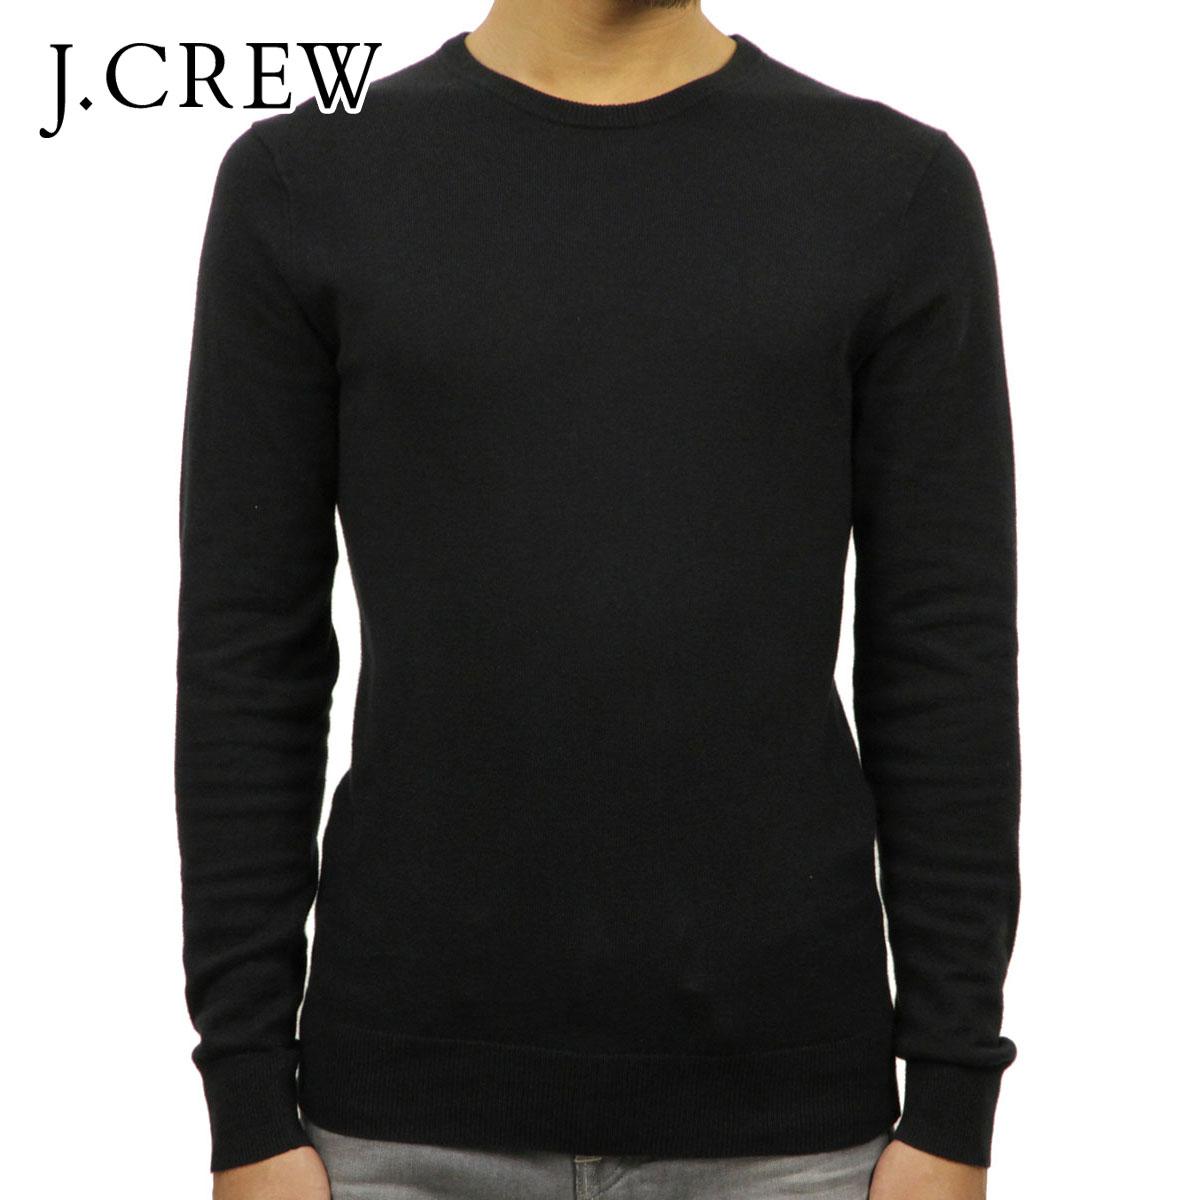 ジェイクルー J.CREW 正規品 メンズ セーター HARBOR COTTON CREWNECK SWEATER f4707 D00S20